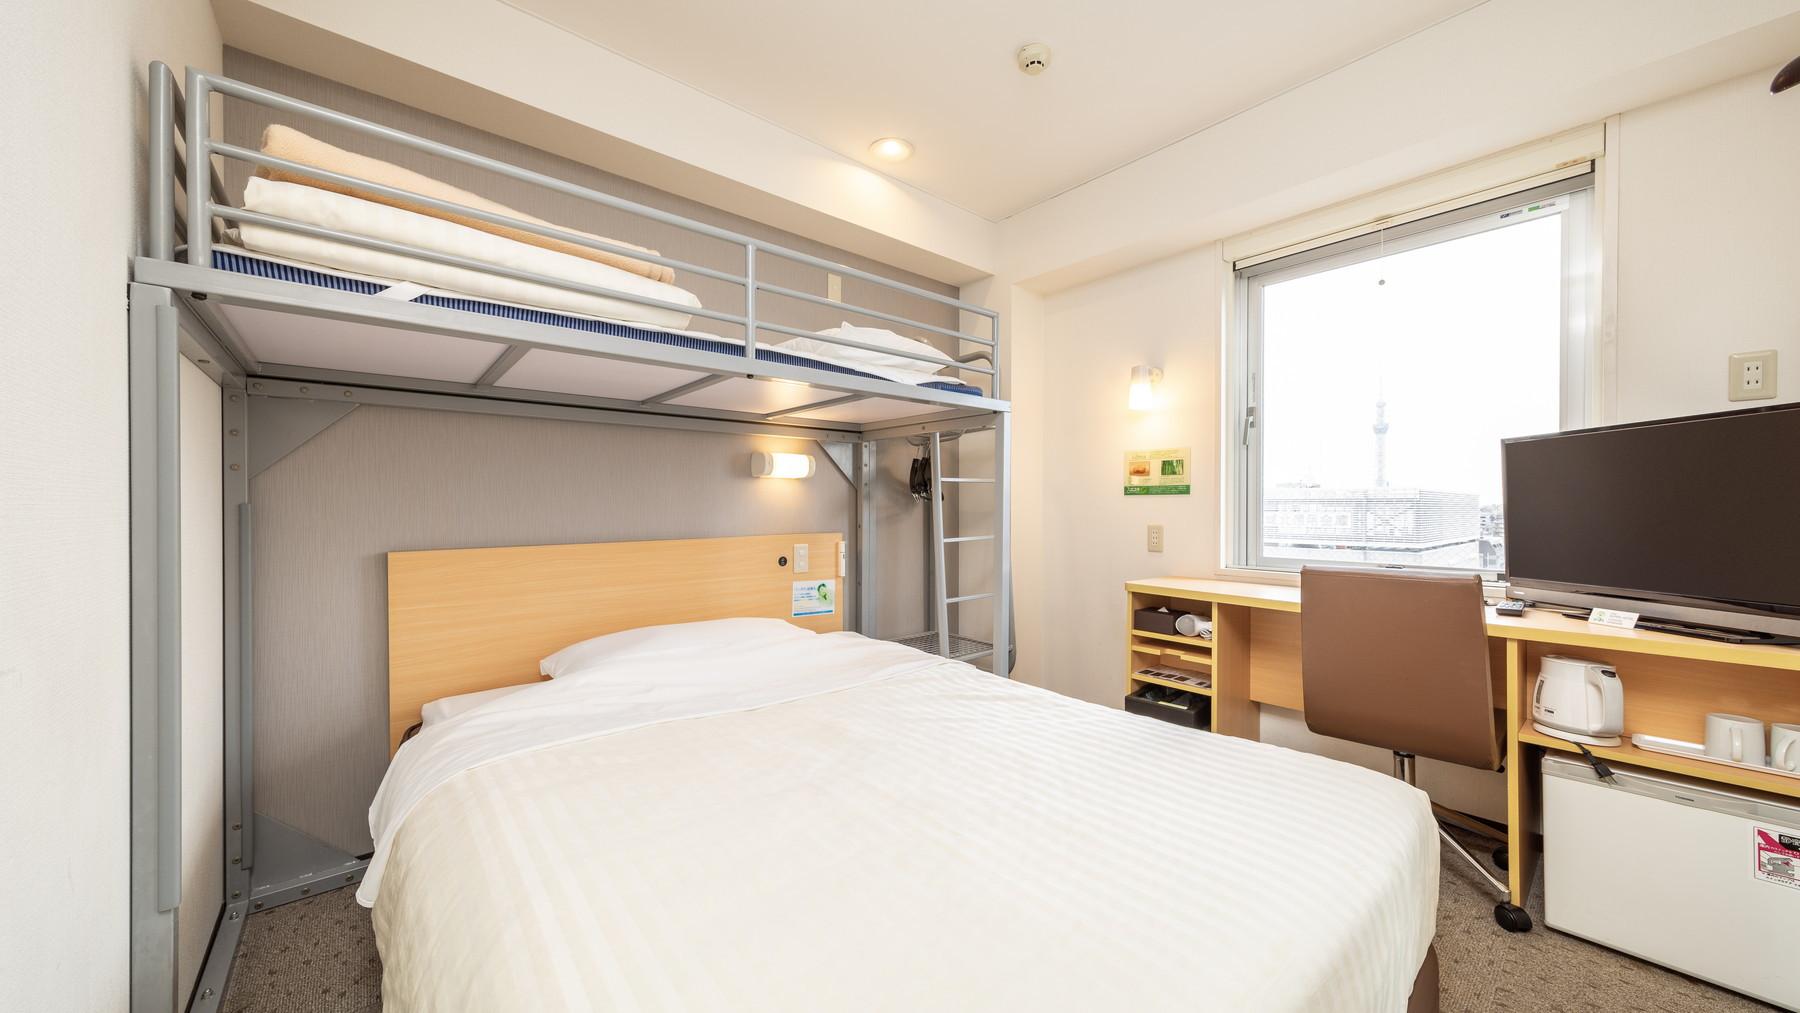 スーパールームは150cm幅のダブルベッドにロフトベッドがついています♪